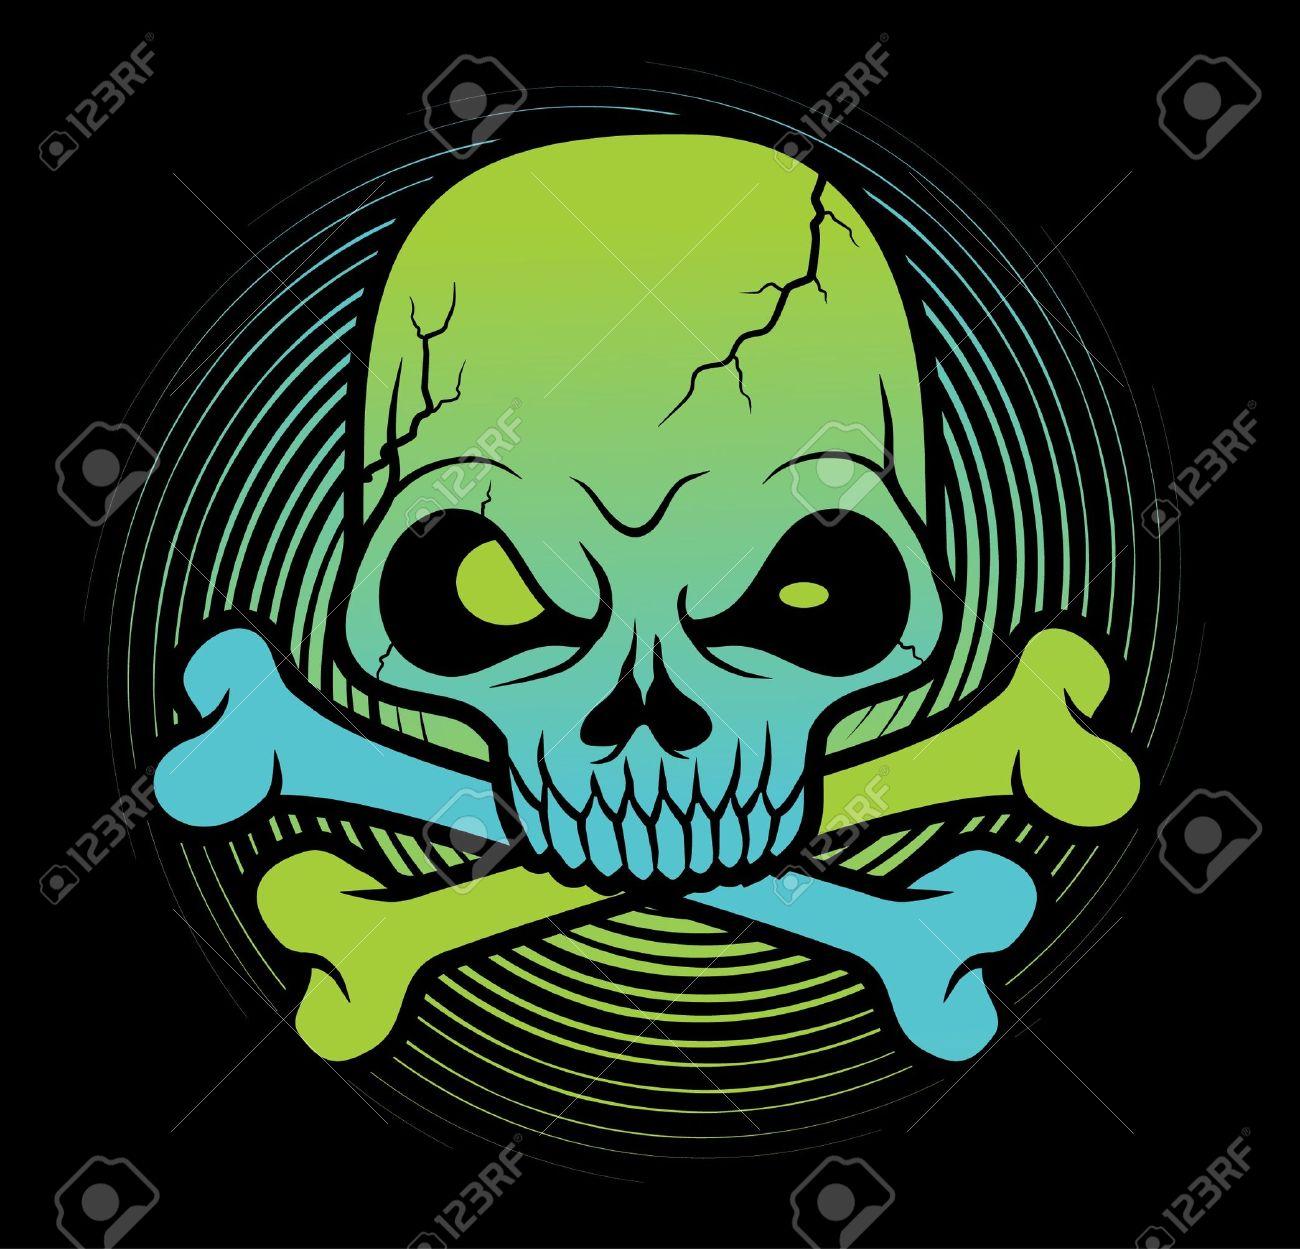 green Skull head vector illustration Stock Vector - 11079443